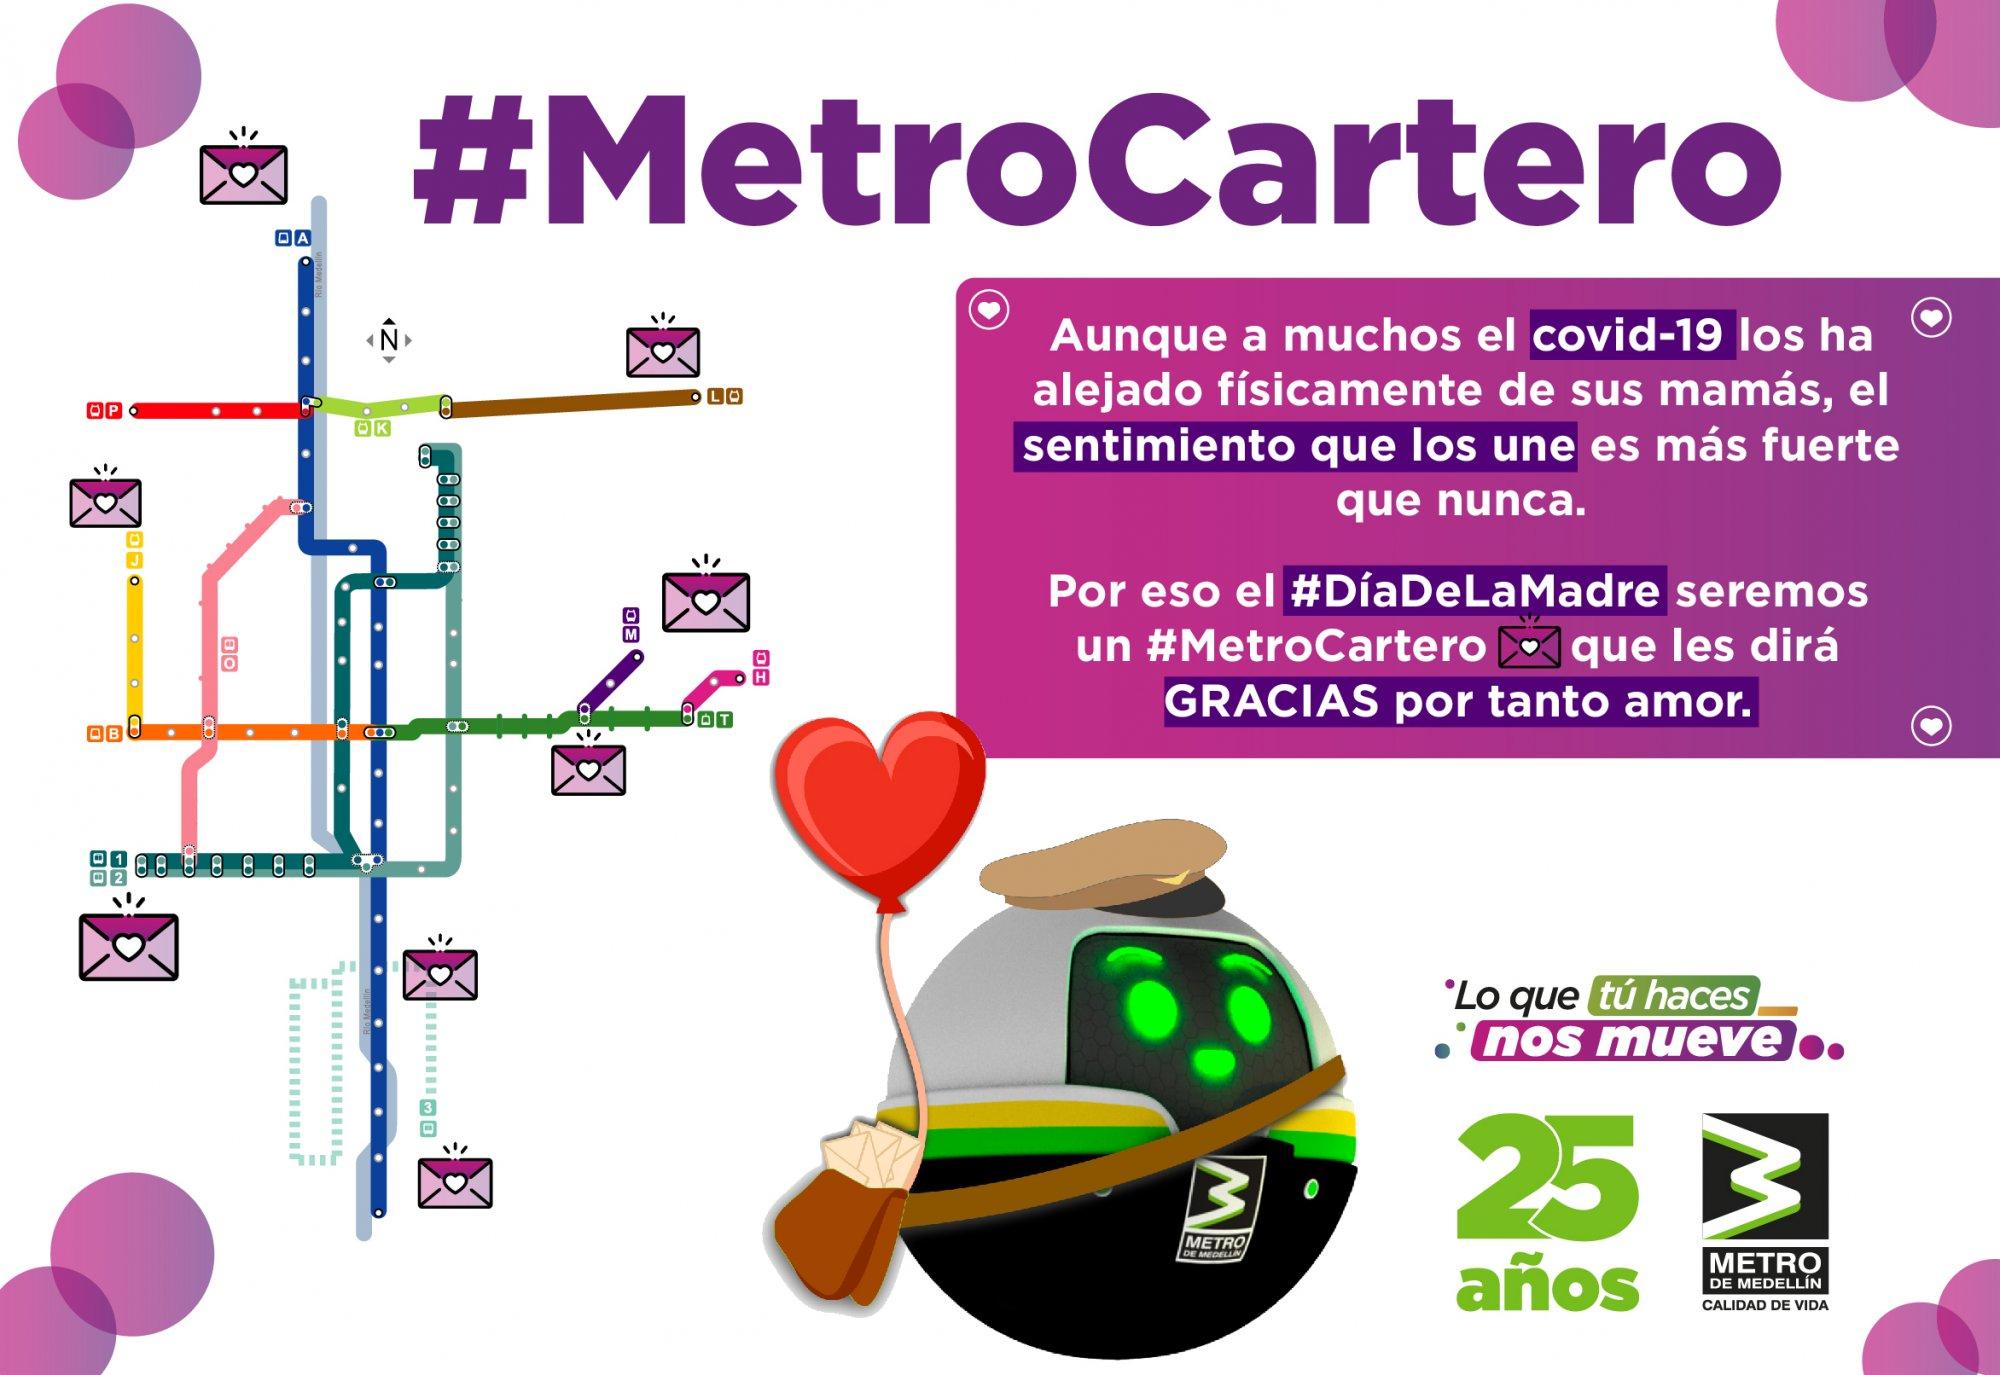 El Metro Cartero, es la campaña pensada para celebrar el Día de la Madre